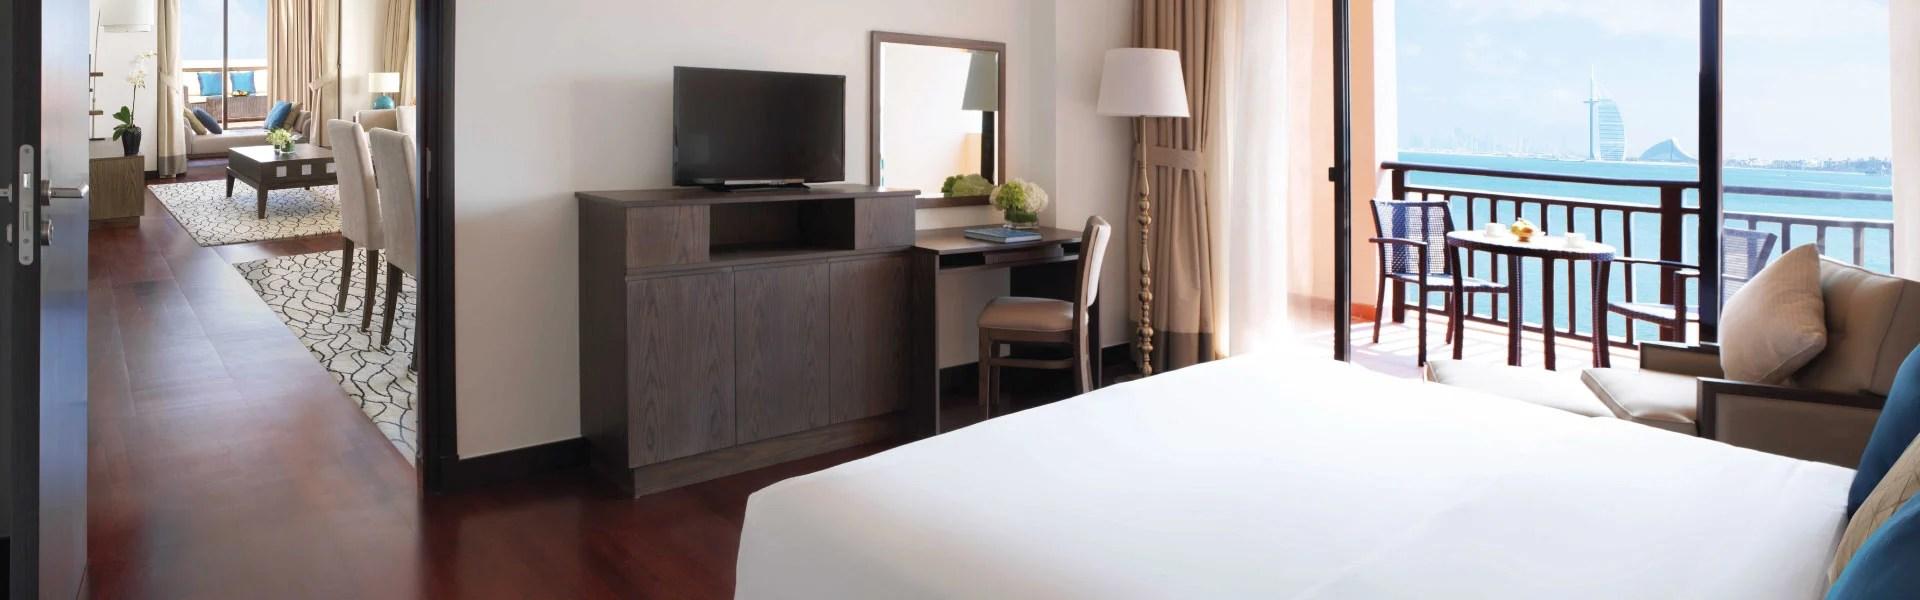 hotel apartment in dubai 2 bedroom